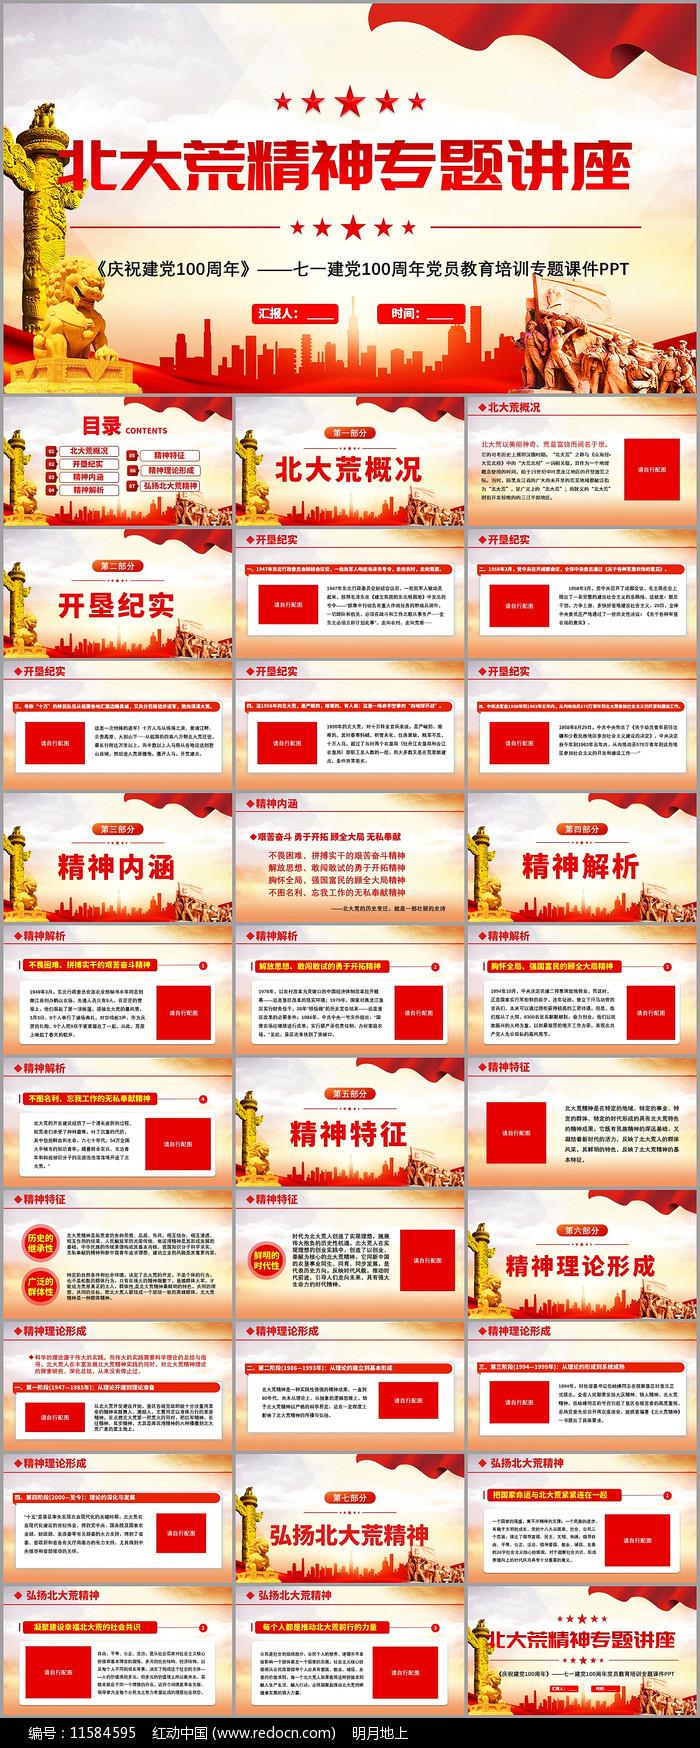 弘扬北大荒精神学习党课PPT图片